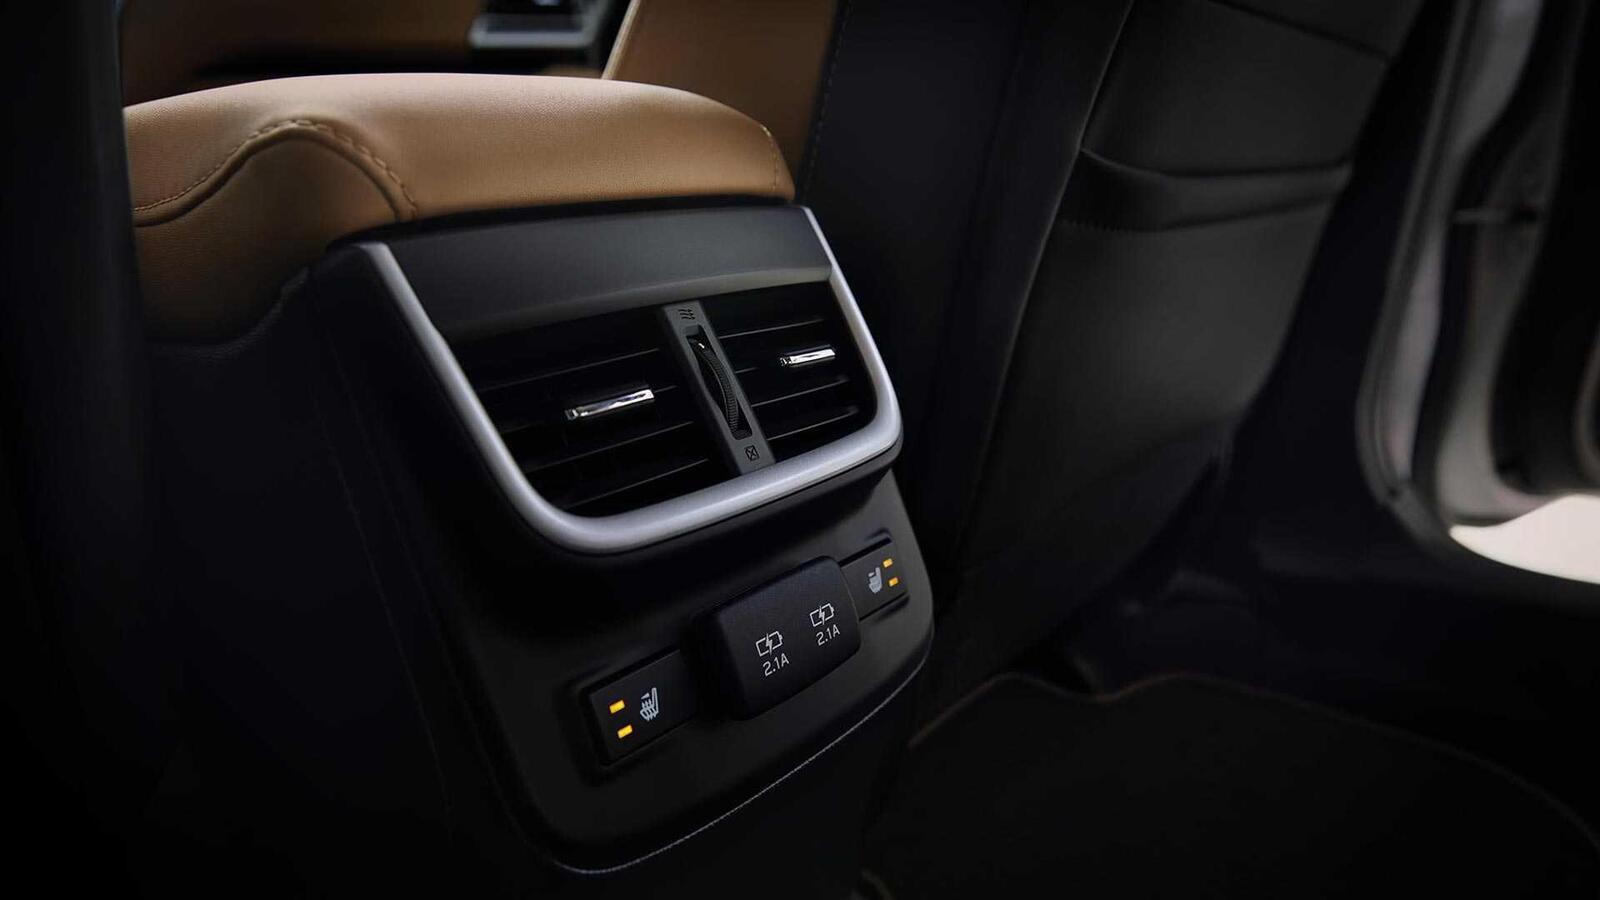 Subaru Legacy thế hệ mới ra mắt; đổi mới thiết kế; có thêm động cơ 2.5L tăng áp - Hình 15